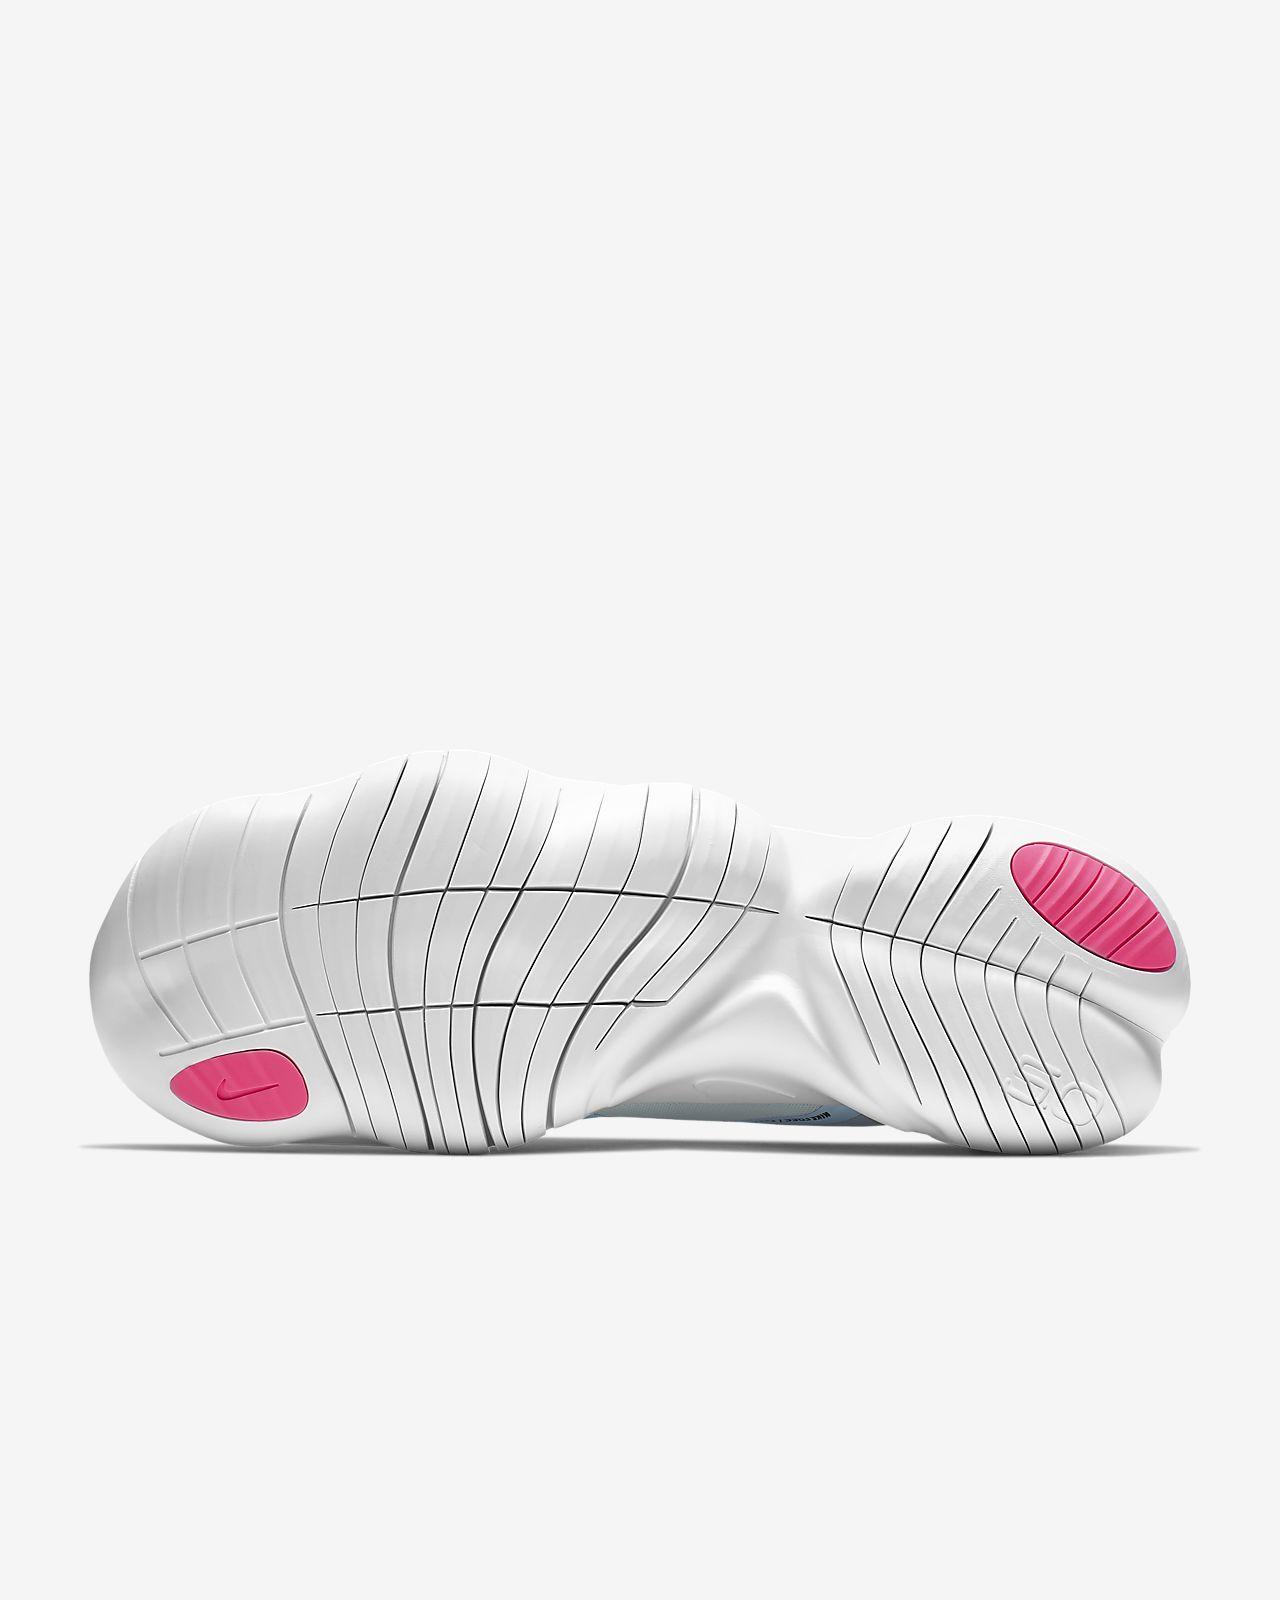 Nike Free 5.0 Grey, Pink, Teal Running Shoes 9